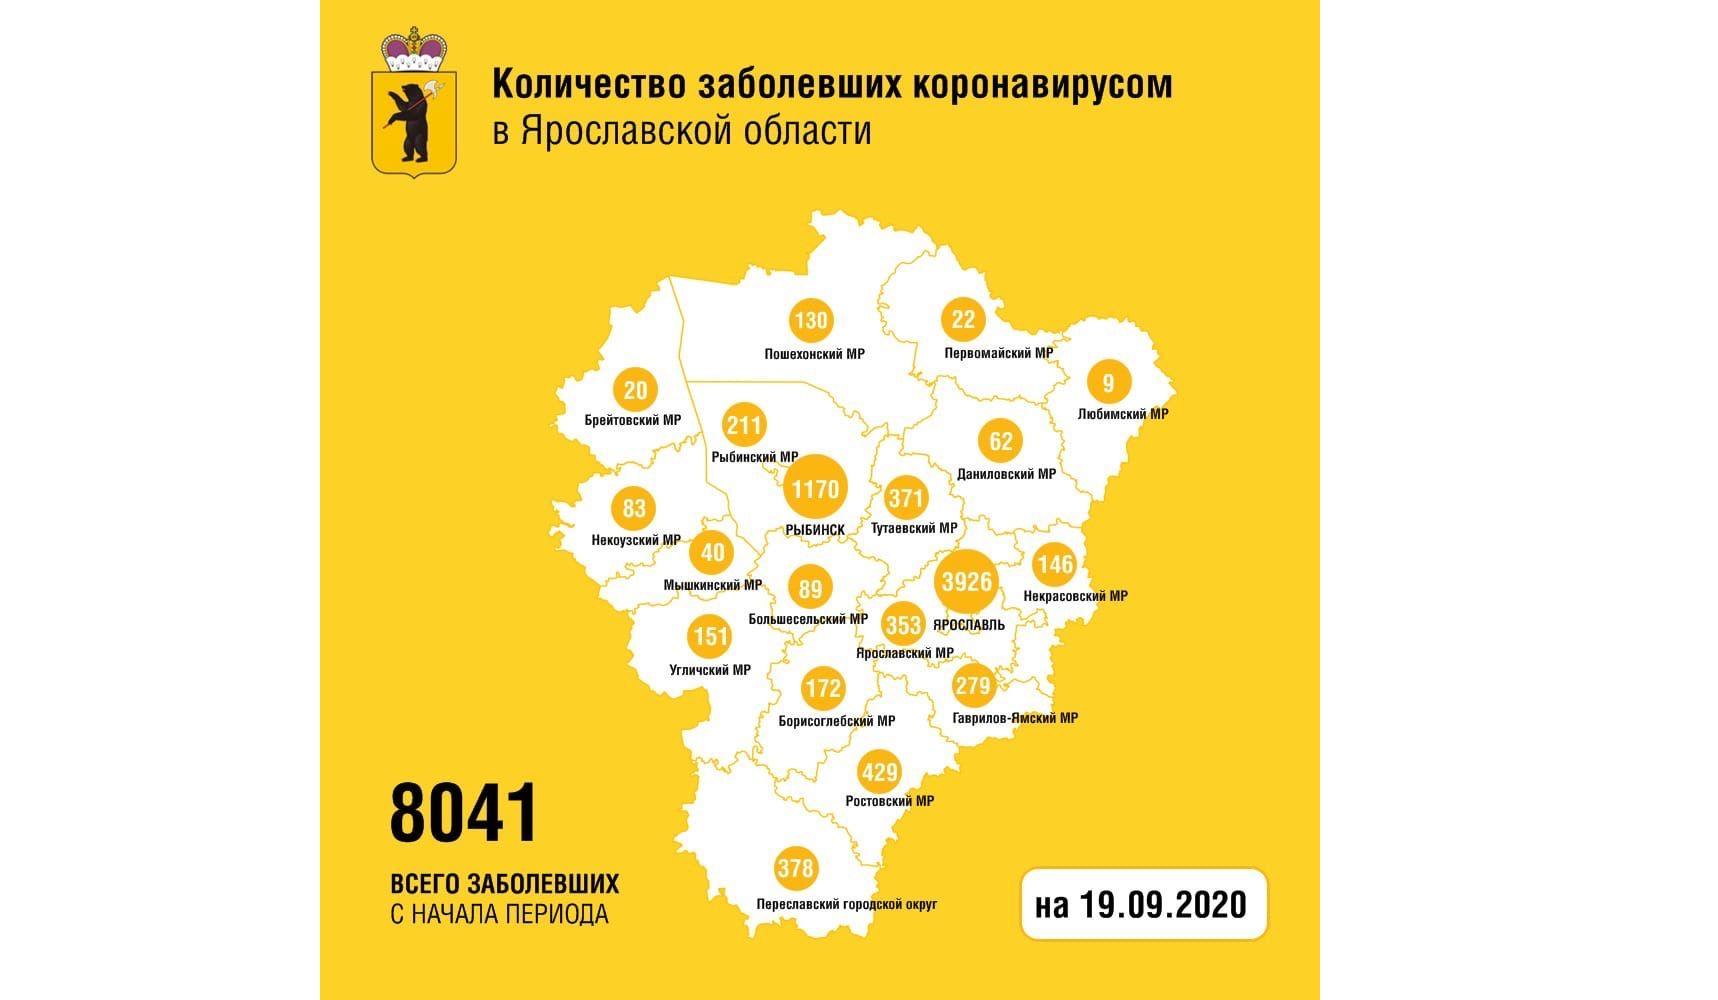 Еще 93 жителей Ярославской области вылечили от коронавируса